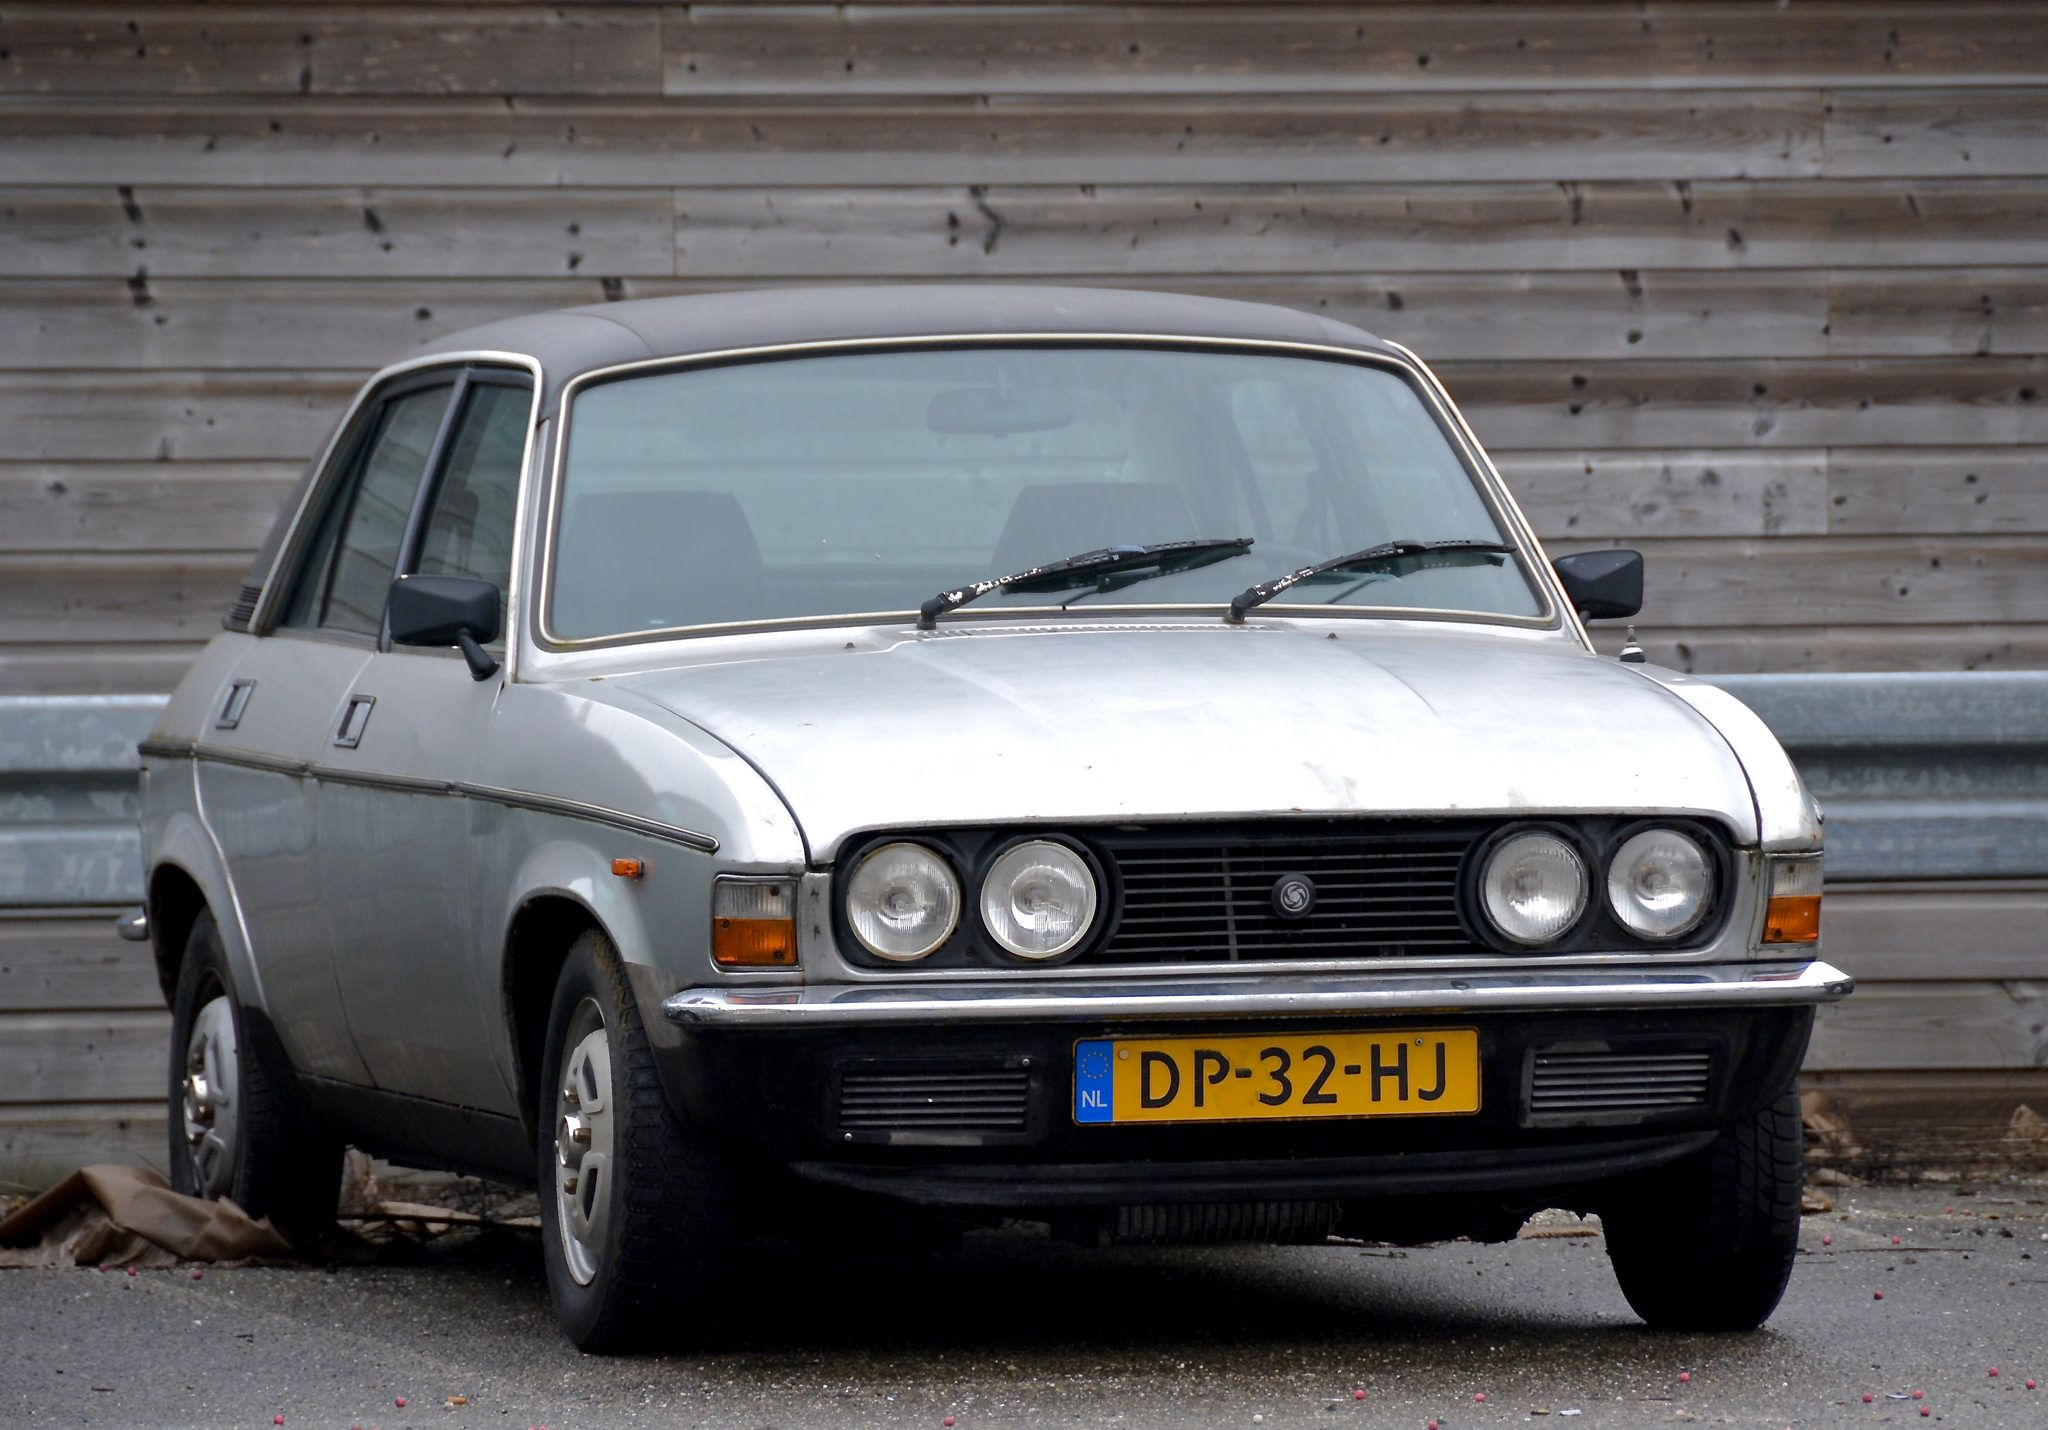 1979 Austin Allegro 1300 Special Classic Cars British 70s Cars Classic Cars